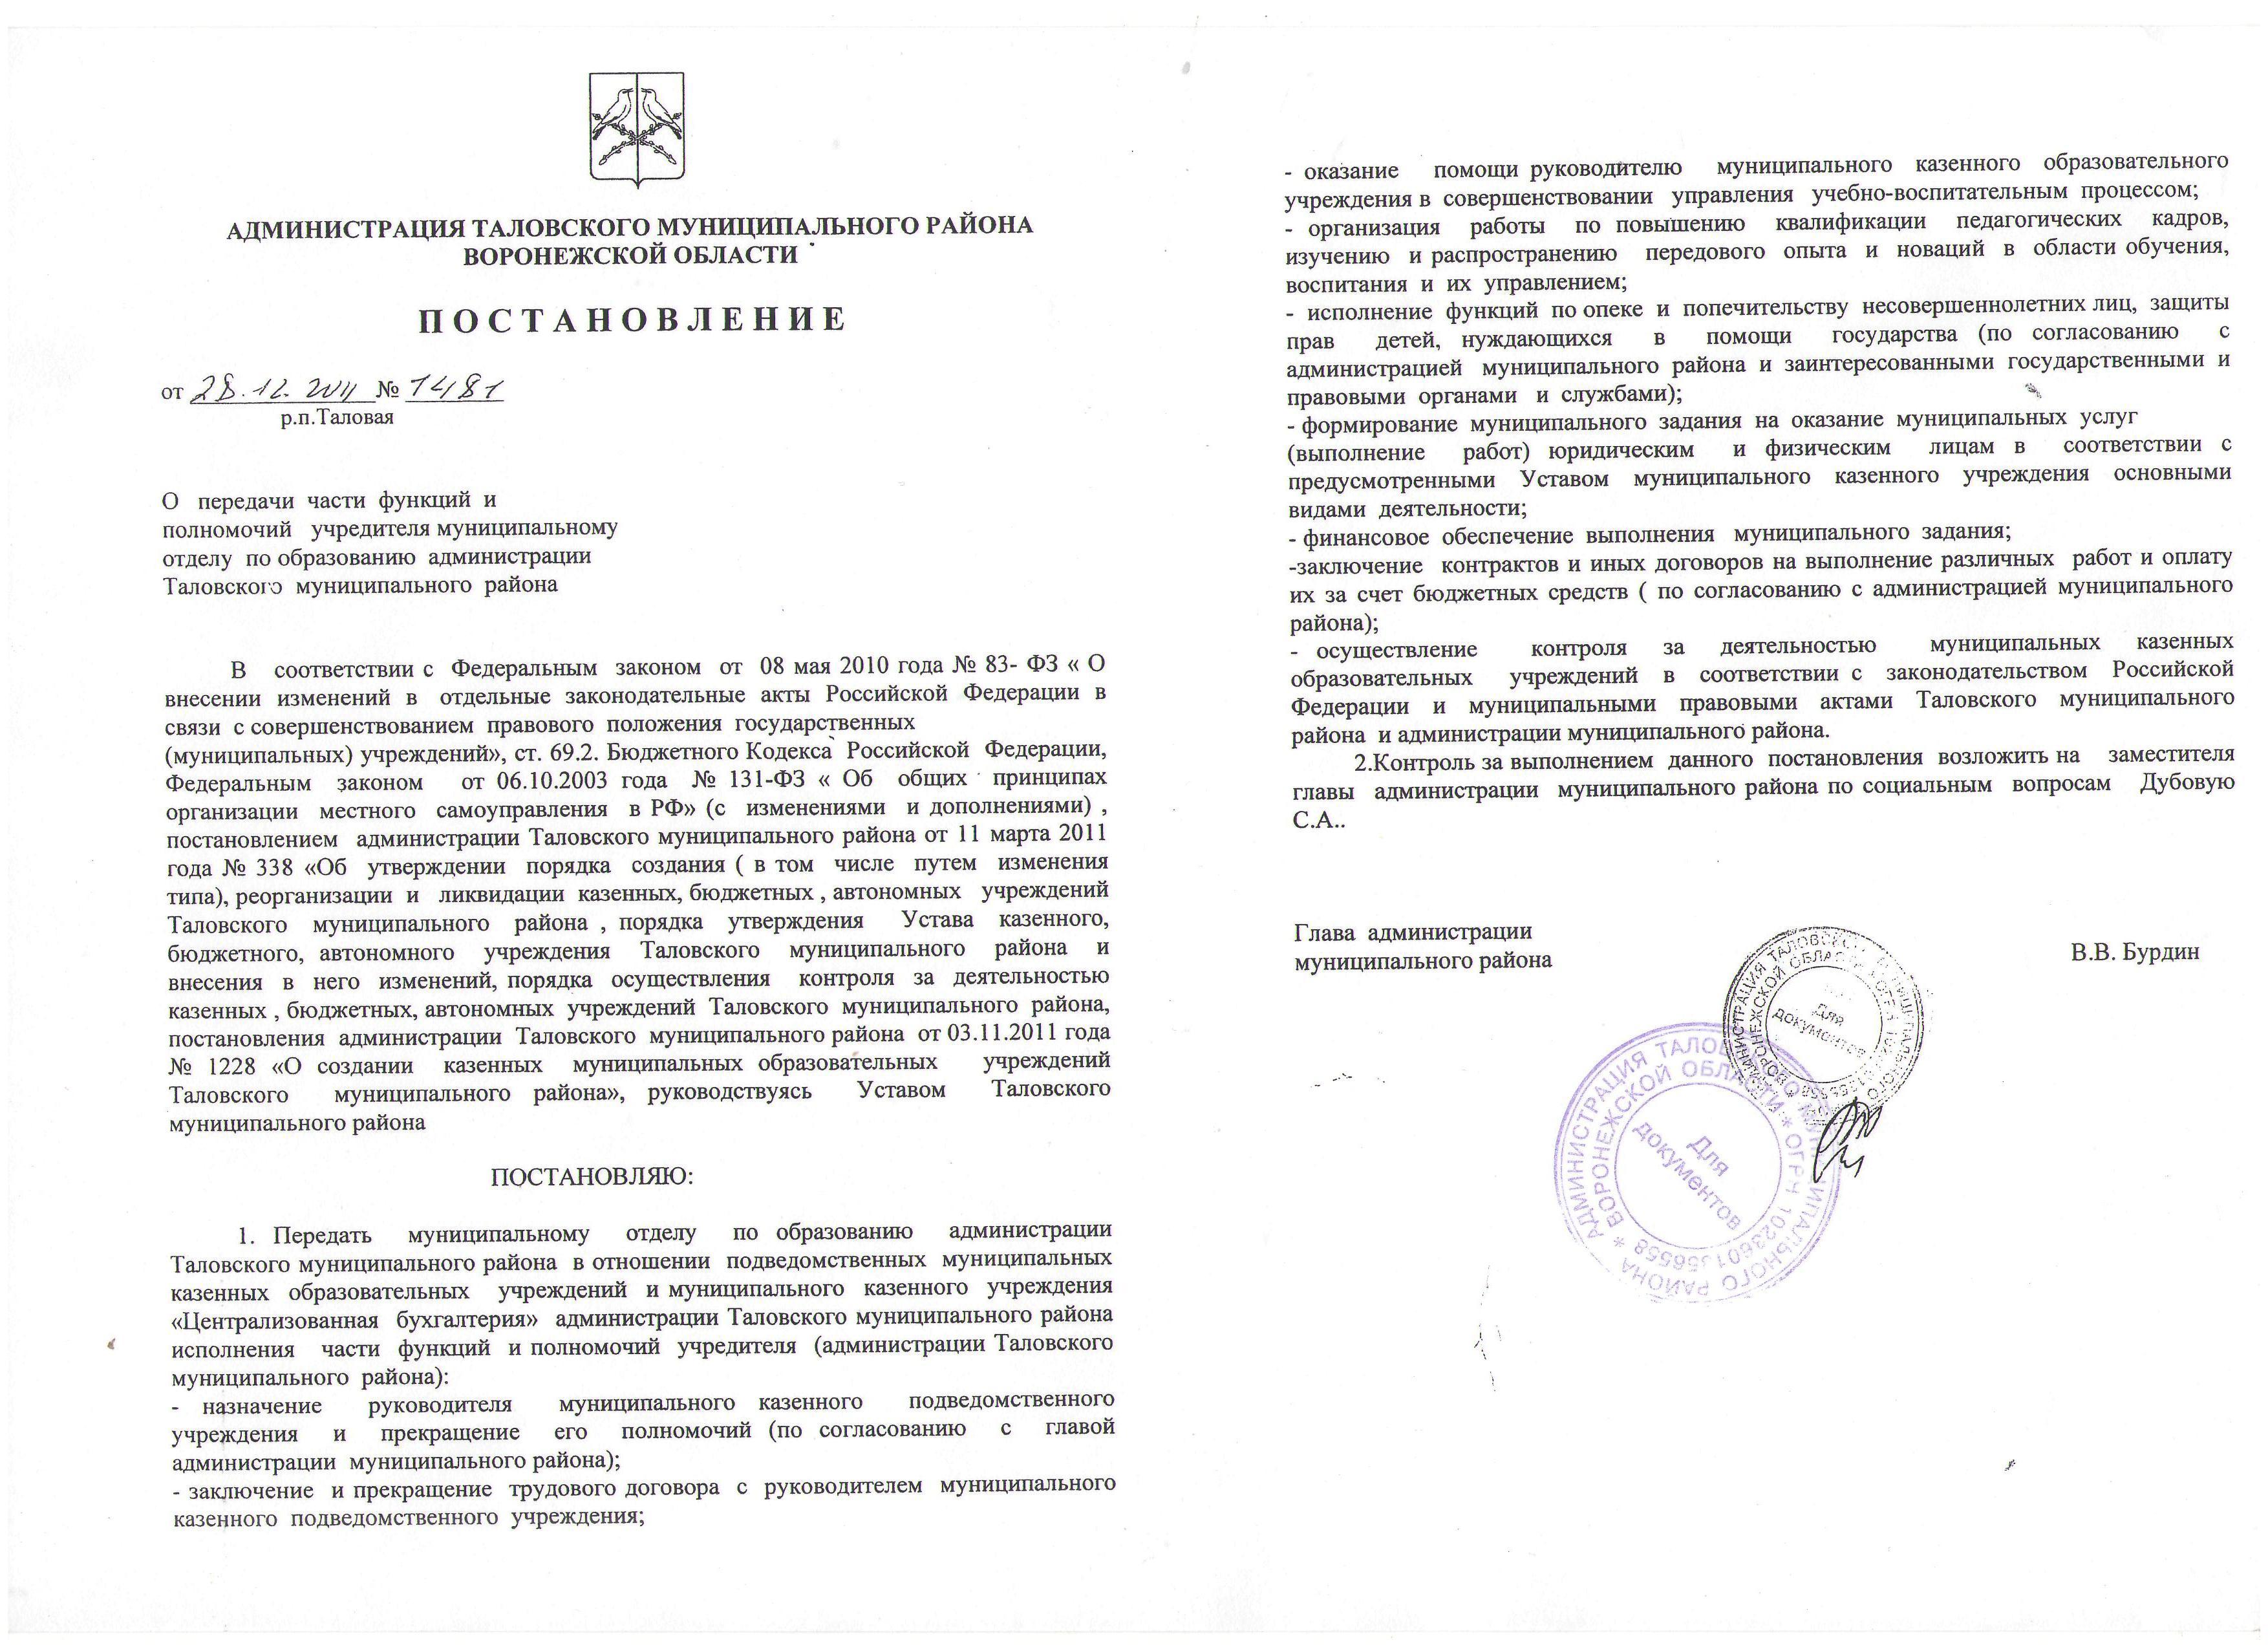 Ликвидация администрации городского поселения и мку процедура и полномочия уверенно